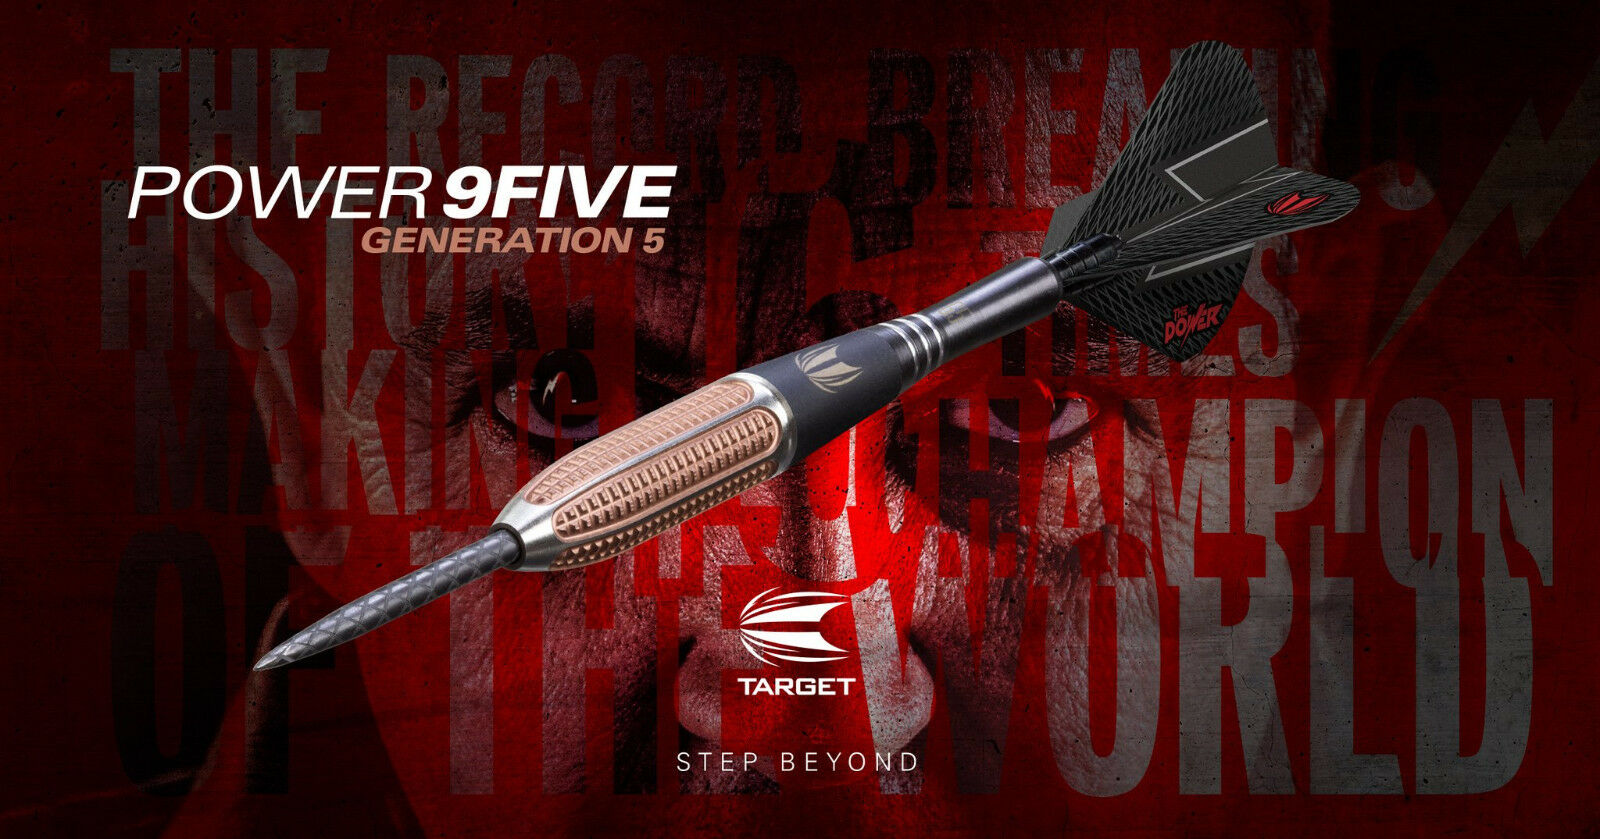 TARGET Steel Dart Pfeile Pfeile Pfeile Darts Phil Taylor The Power 9Five G5 Gen 5 24 gr 200933 60a04a